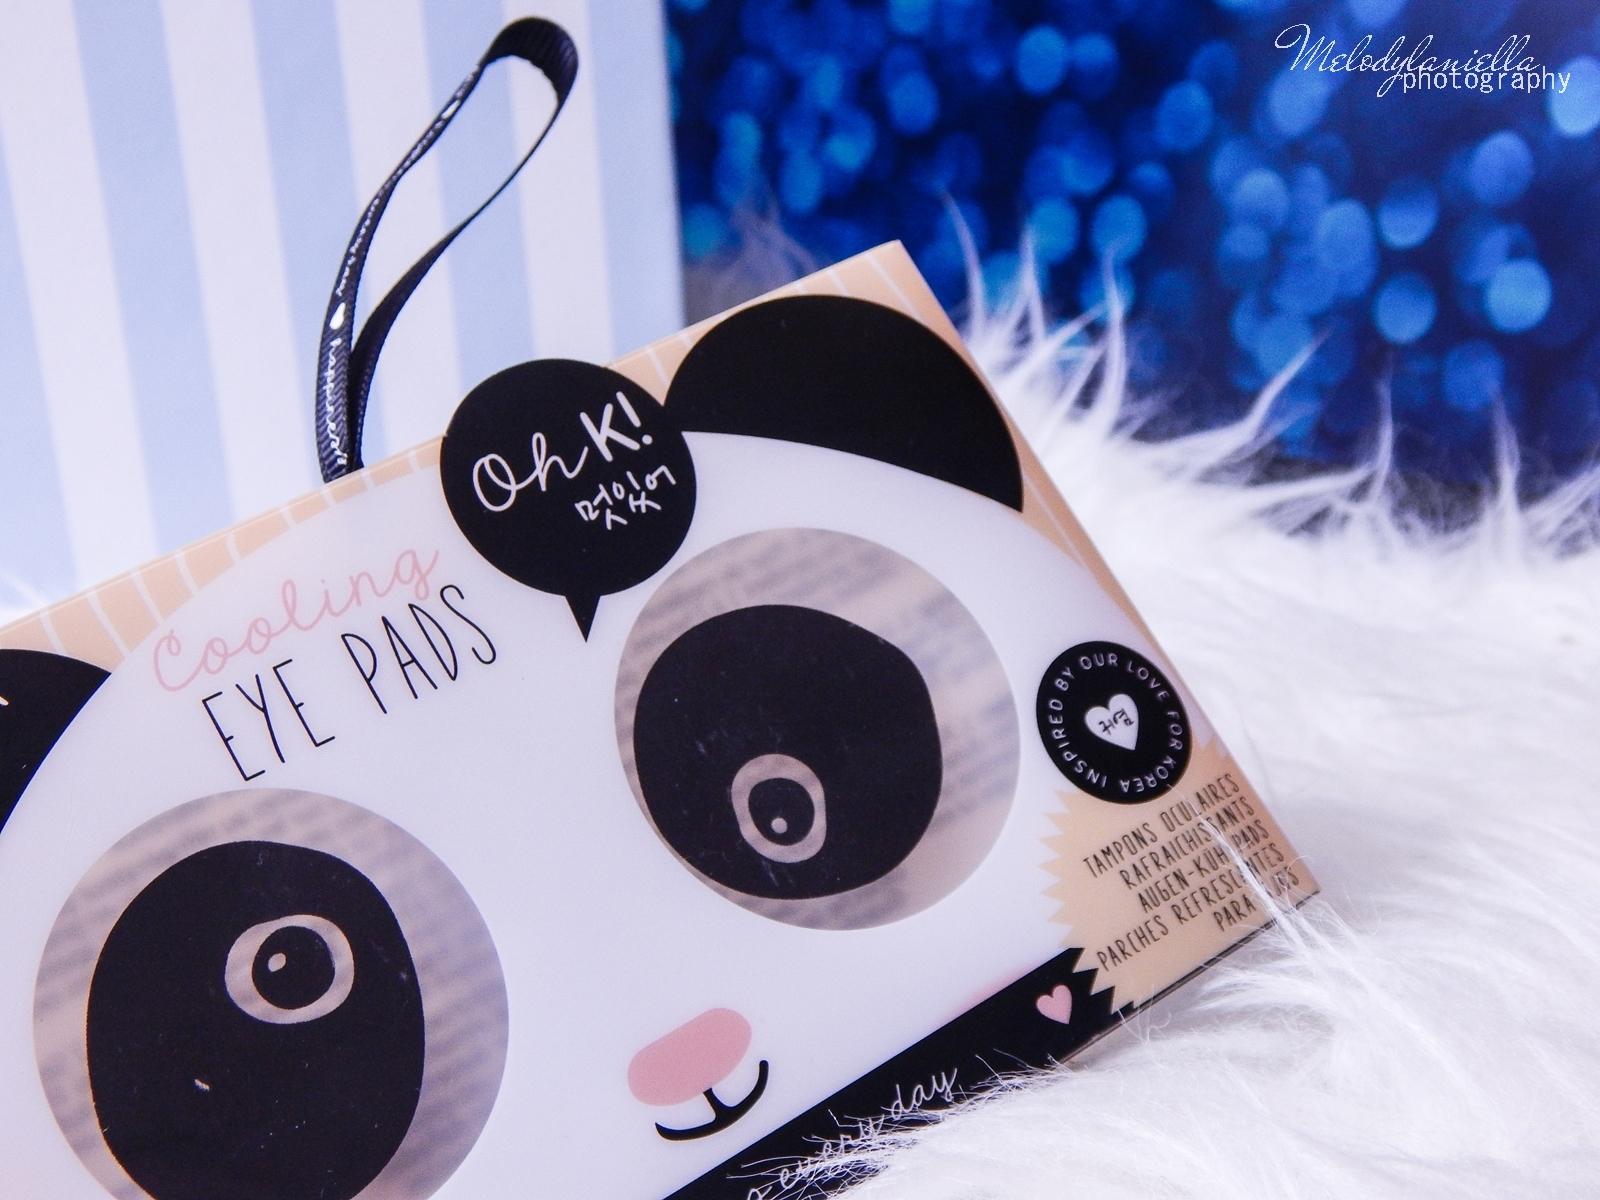 16 Oh! K Life koreańskie kosmetyki i gadżety słodkie dziewczęce dodatki maska do twarzy panda kosmetyczka w kształcie pandy lodowe płatki chłodzące okłady na oczy przeciw sińcom jak pozbyć się sińców pod oczami